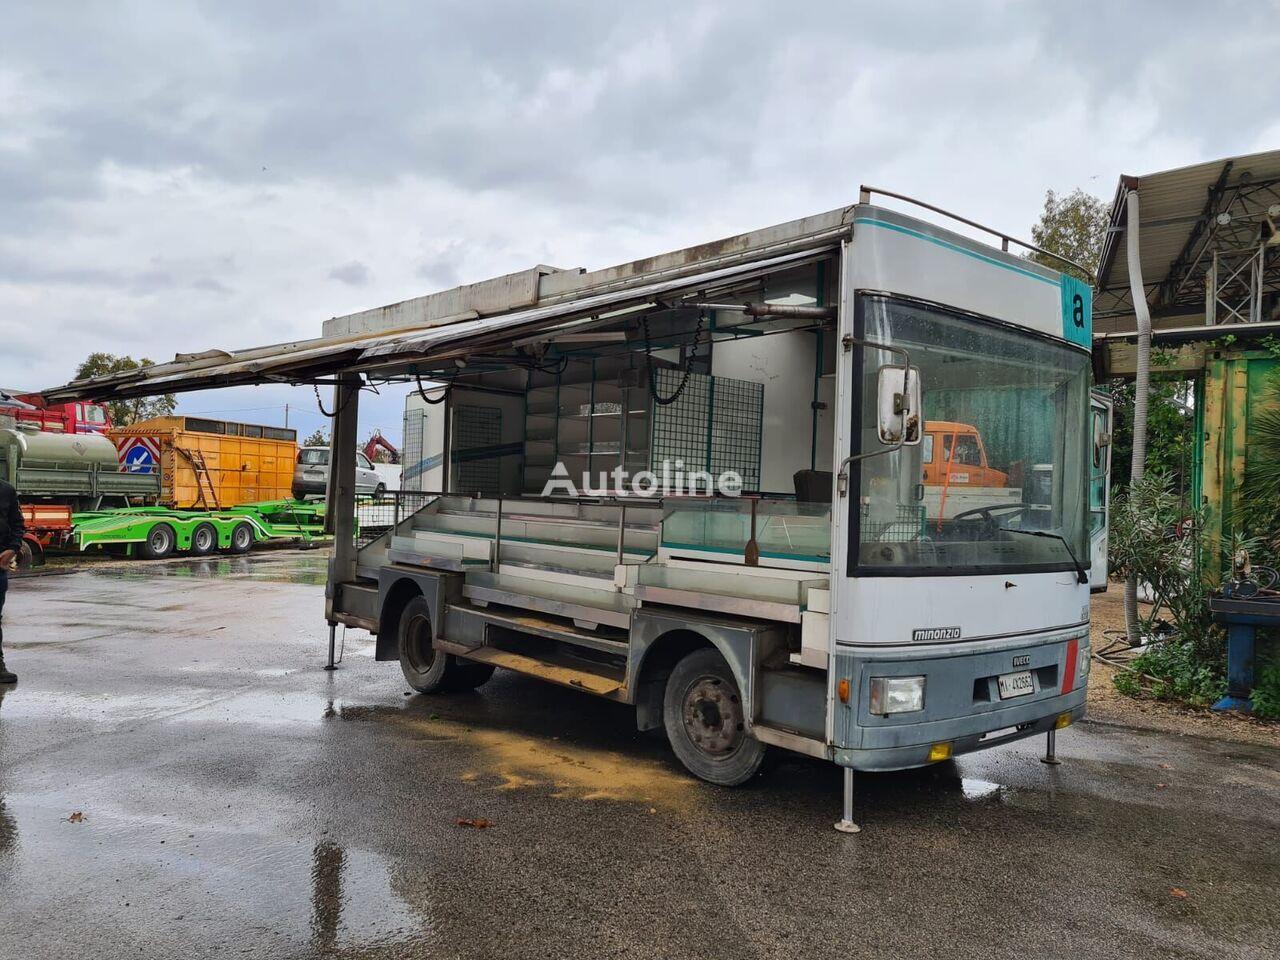 IVECO Minonzio 99.18 vending truck